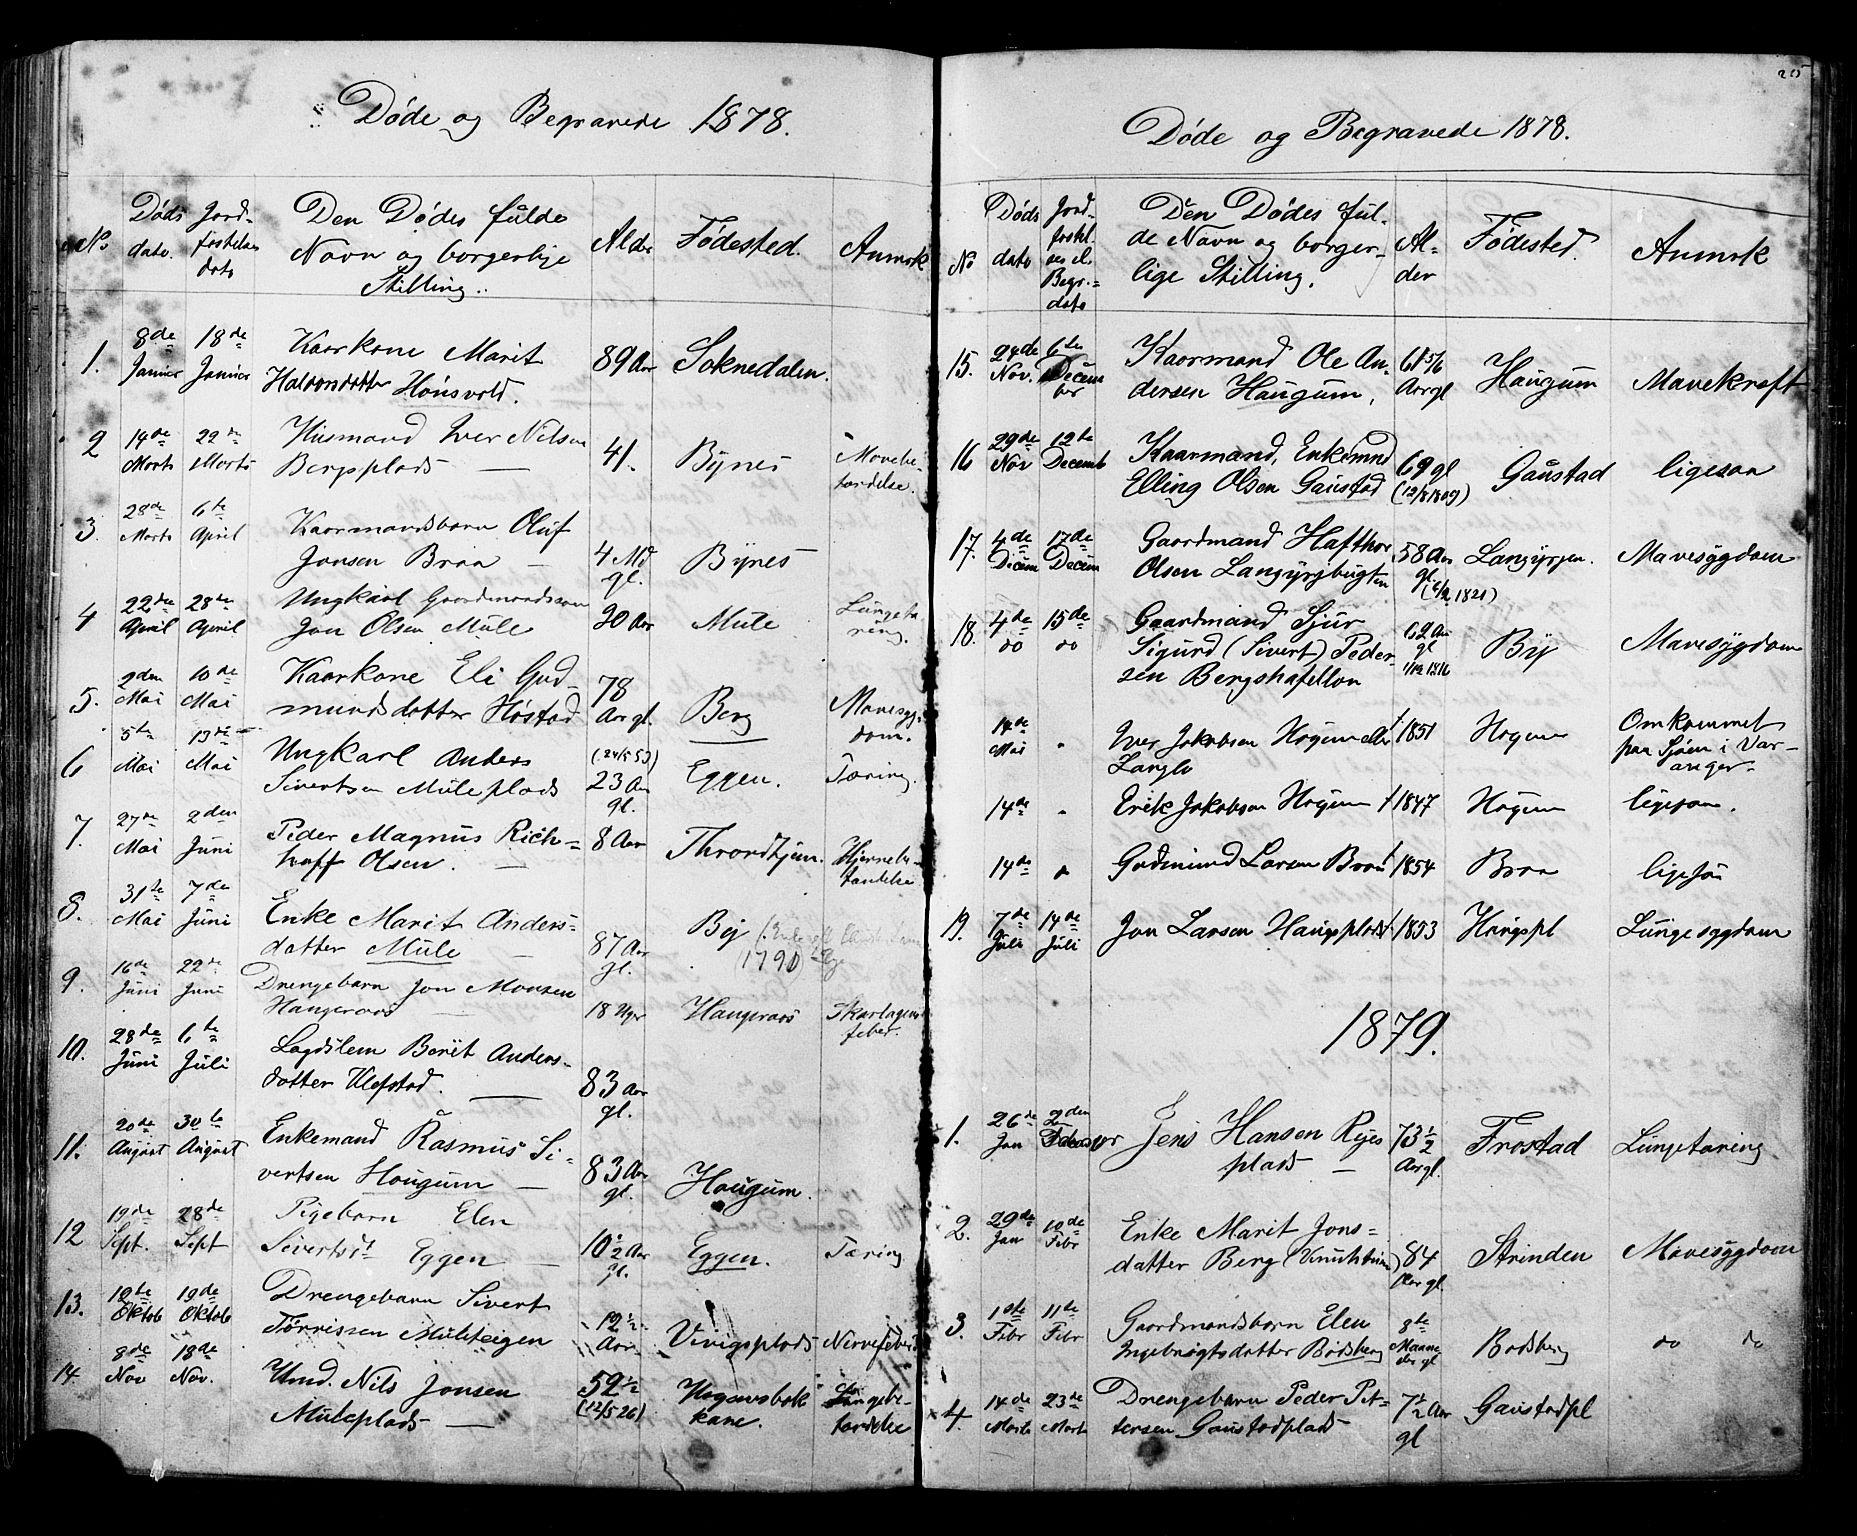 SAT, Ministerialprotokoller, klokkerbøker og fødselsregistre - Sør-Trøndelag, 612/L0387: Klokkerbok nr. 612C03, 1874-1908, s. 215